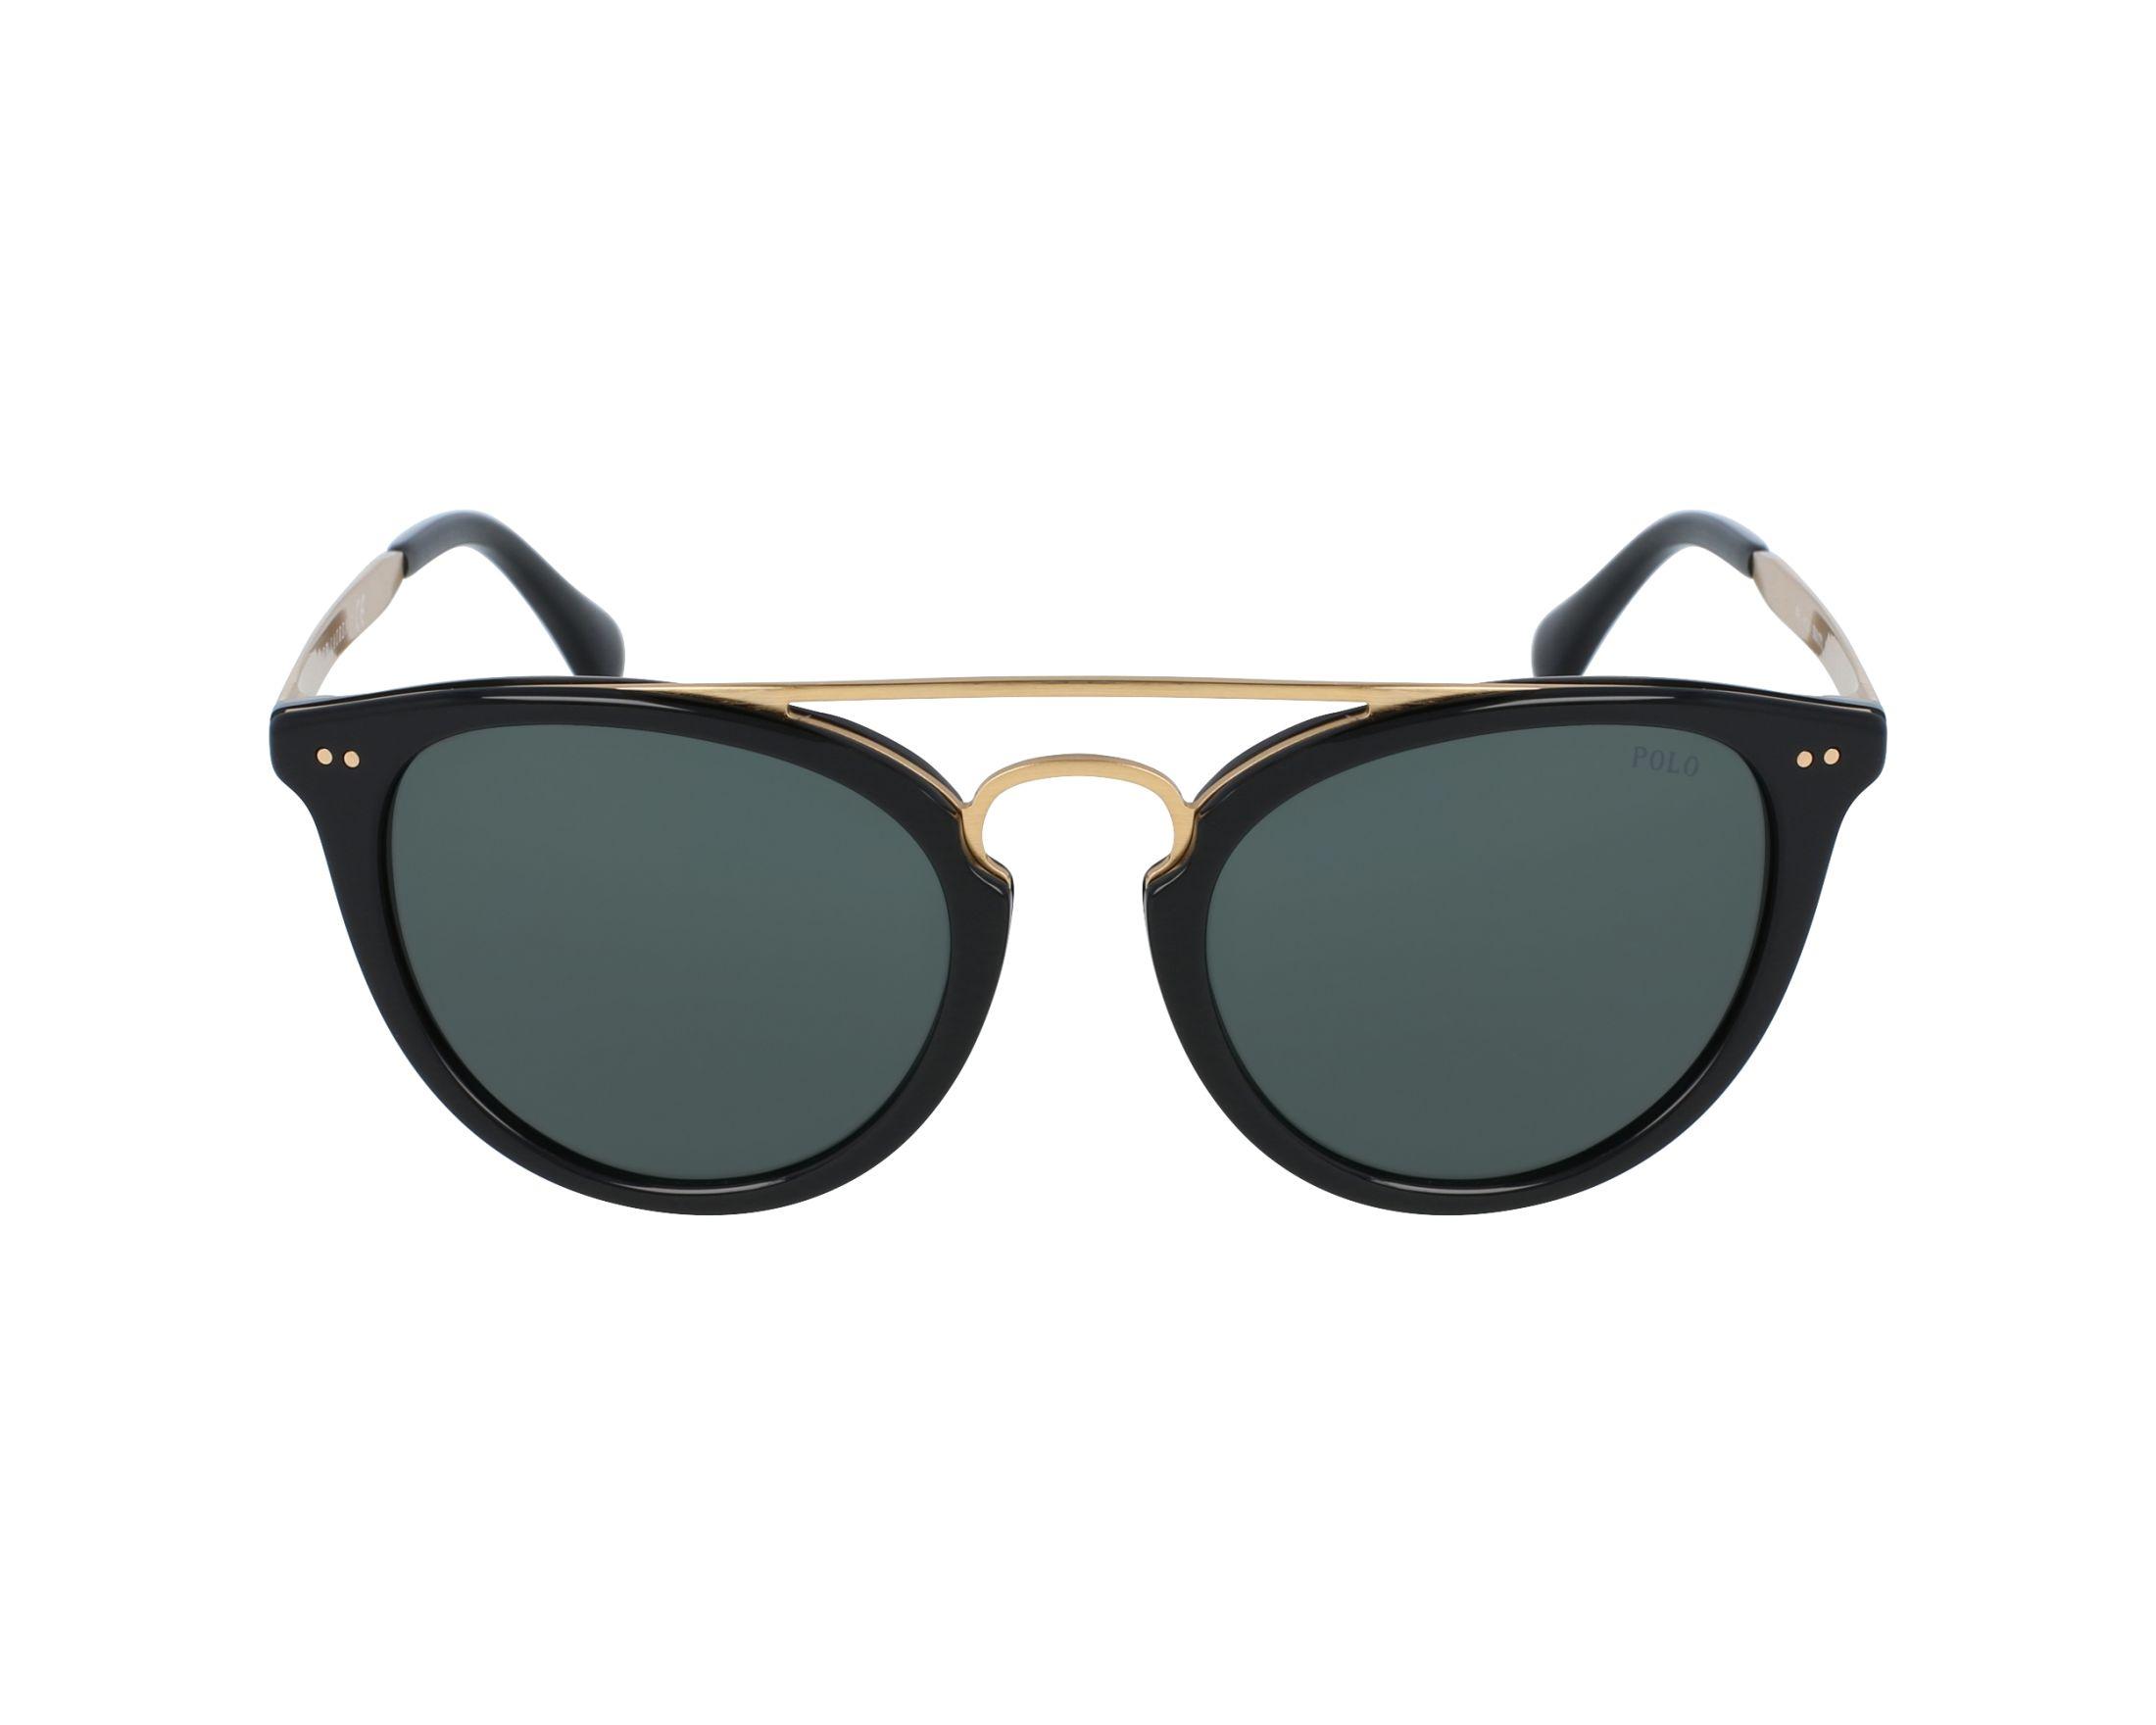 Polo Sonnenbrille » PH4121«, schwarz, 500171 - schwarz/grün